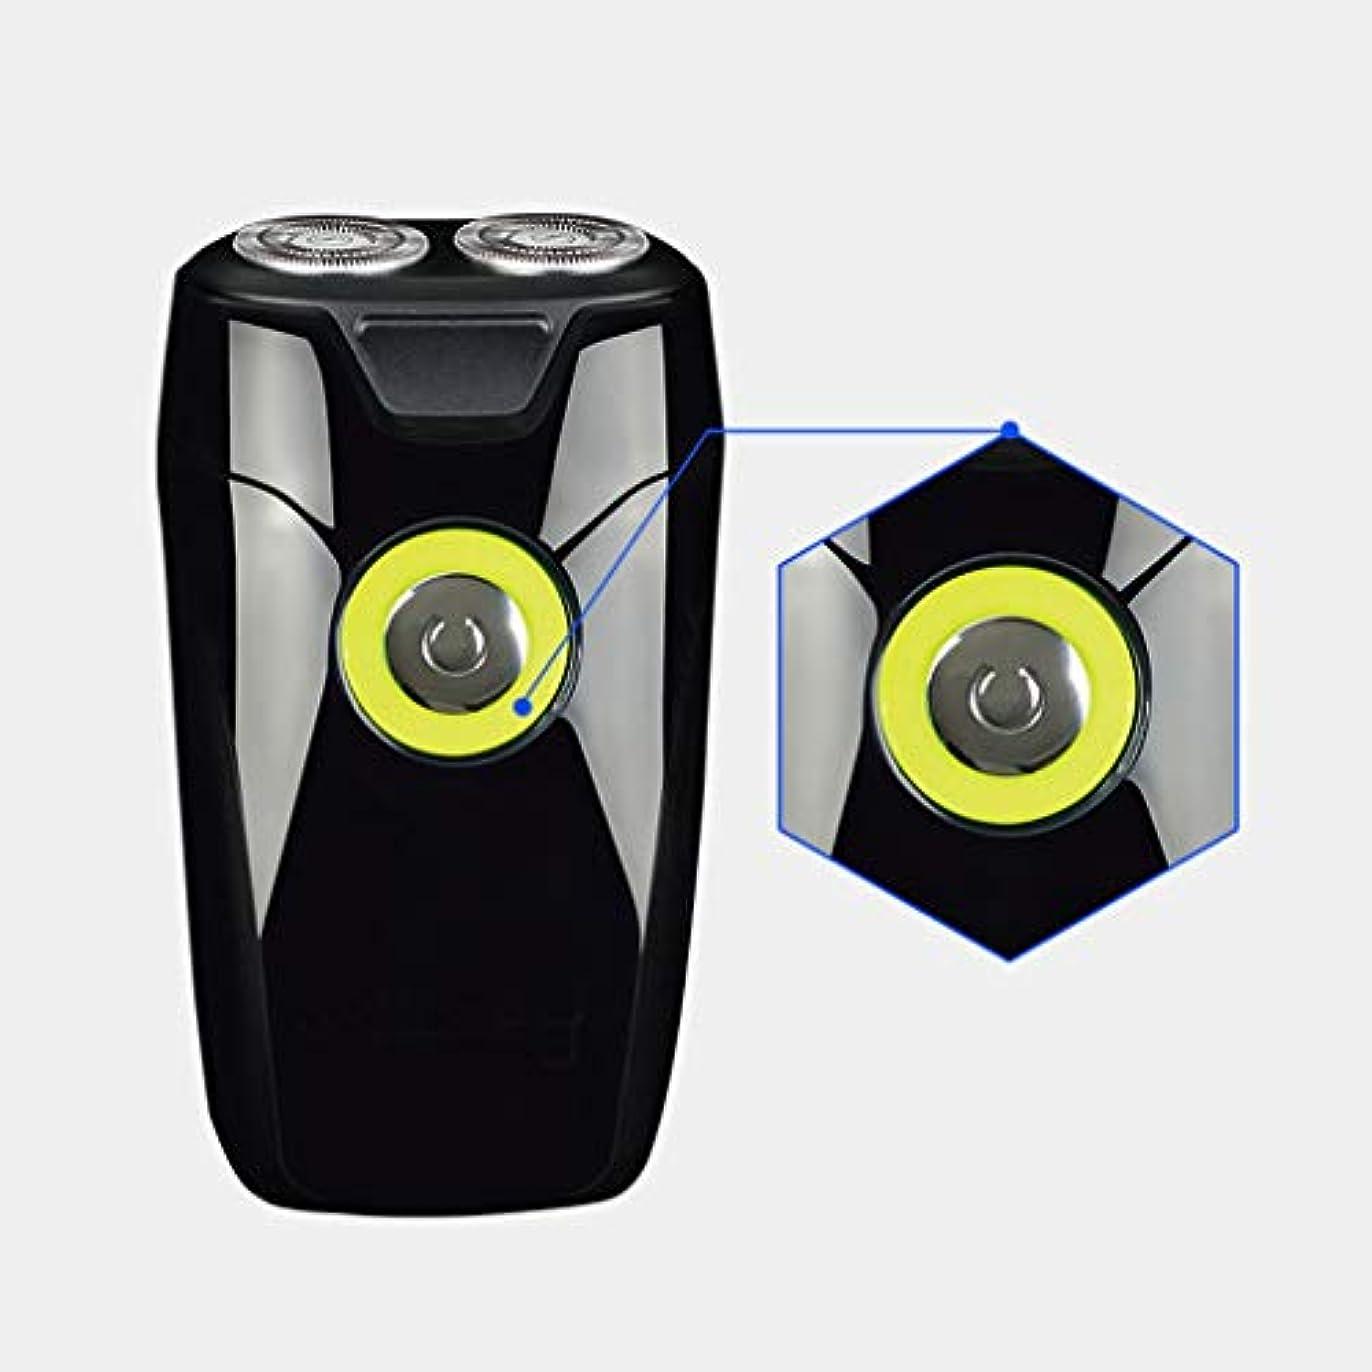 エゴマニア抽出アベニュー男性用電気かみそり、ダブルカッターヘッドベニアデザイン/スマートピンチひげ、コードレス充電